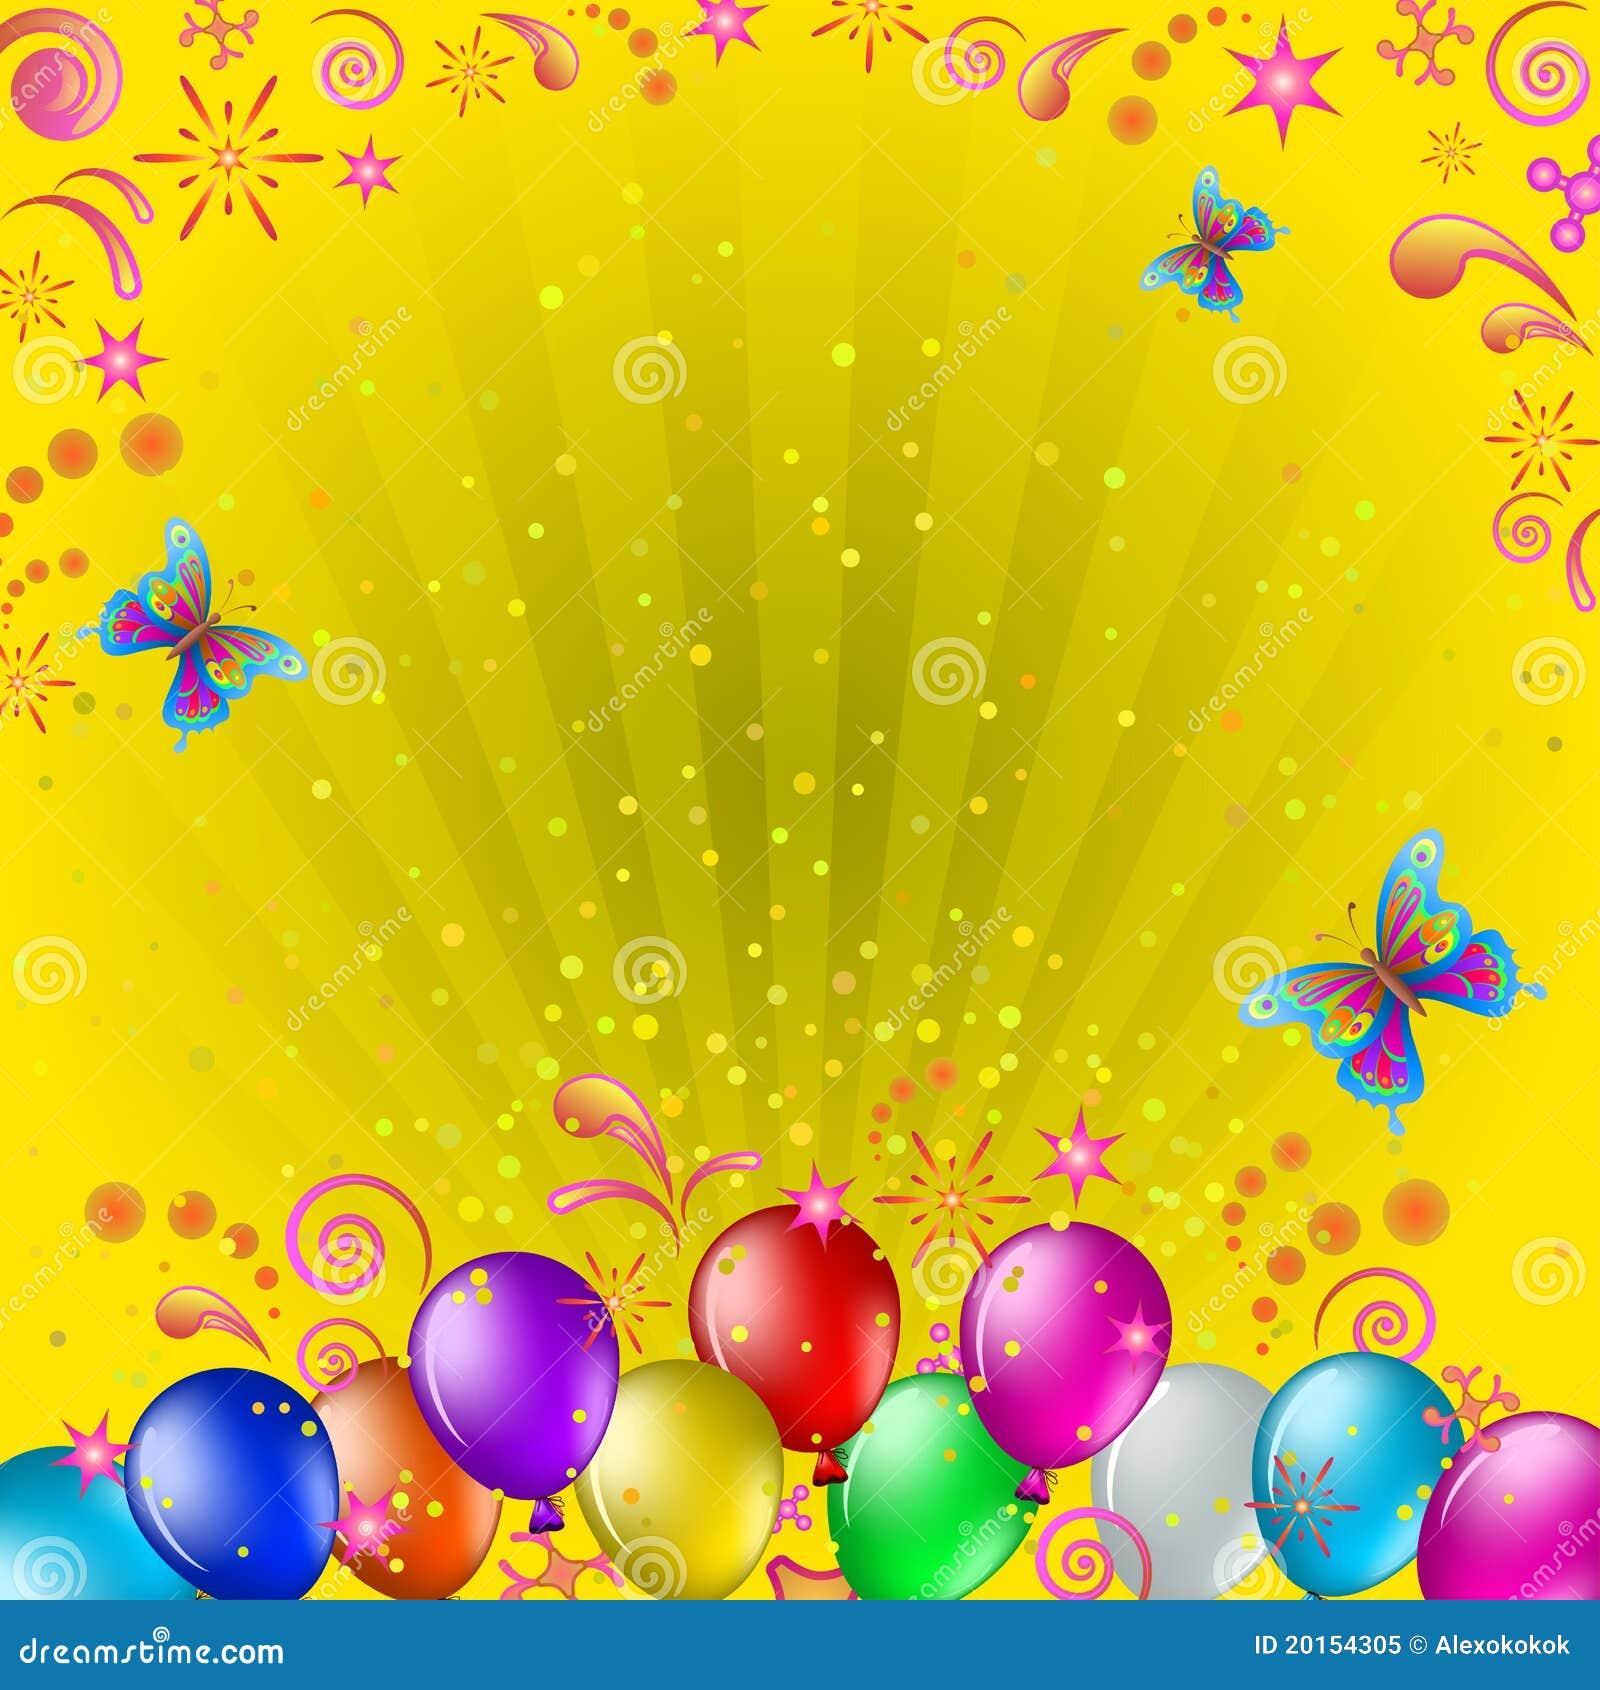 Balloons and butterfli... Up Balloons Wallpaper Hd